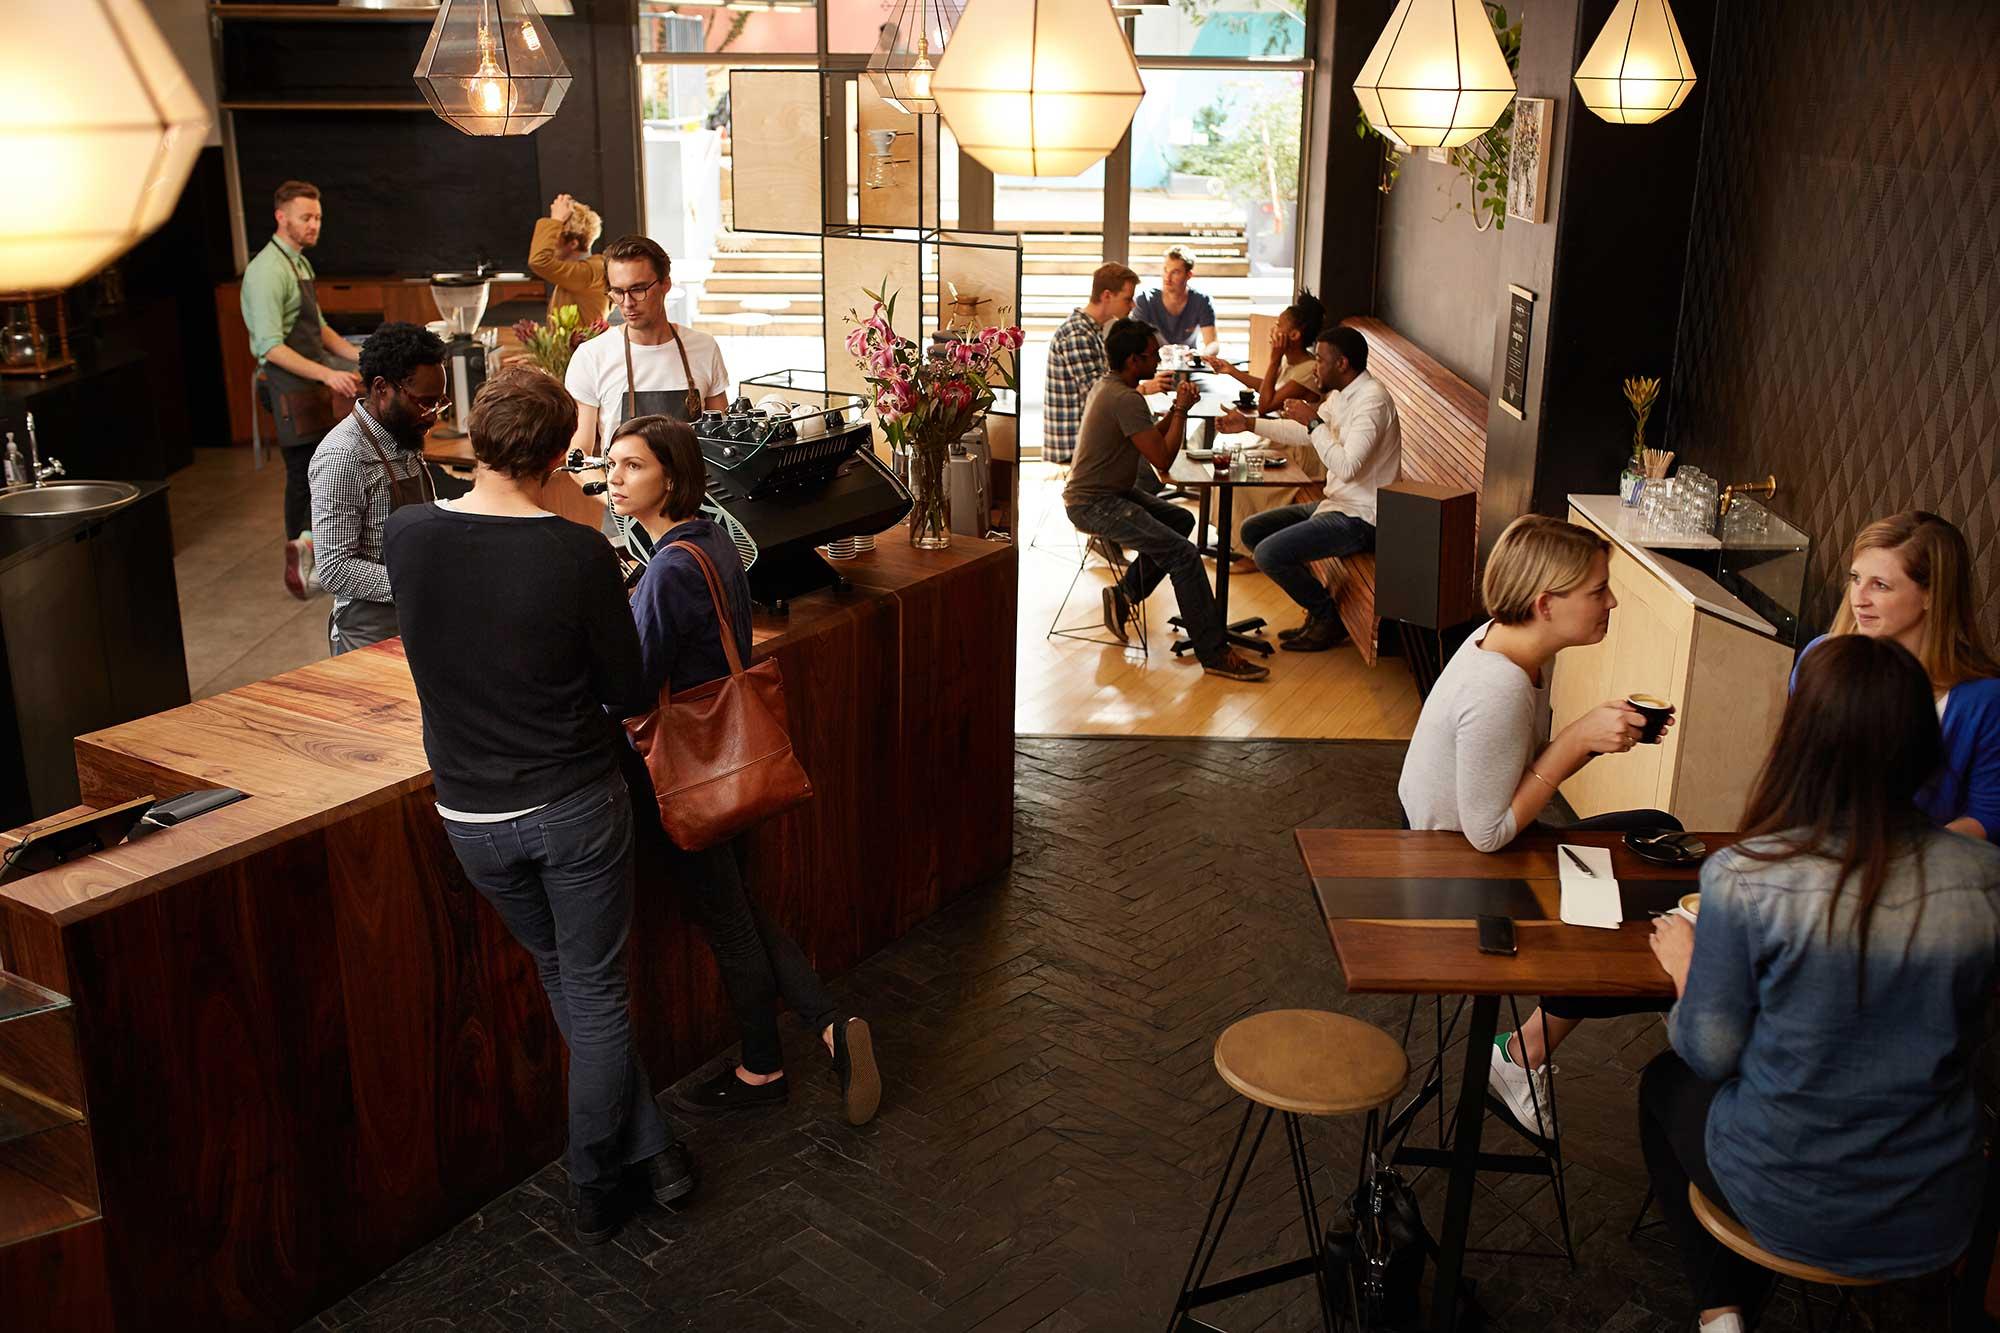 Cosa Organizzare In Un Bar il bancone del bar: i consigli per organizzarlo